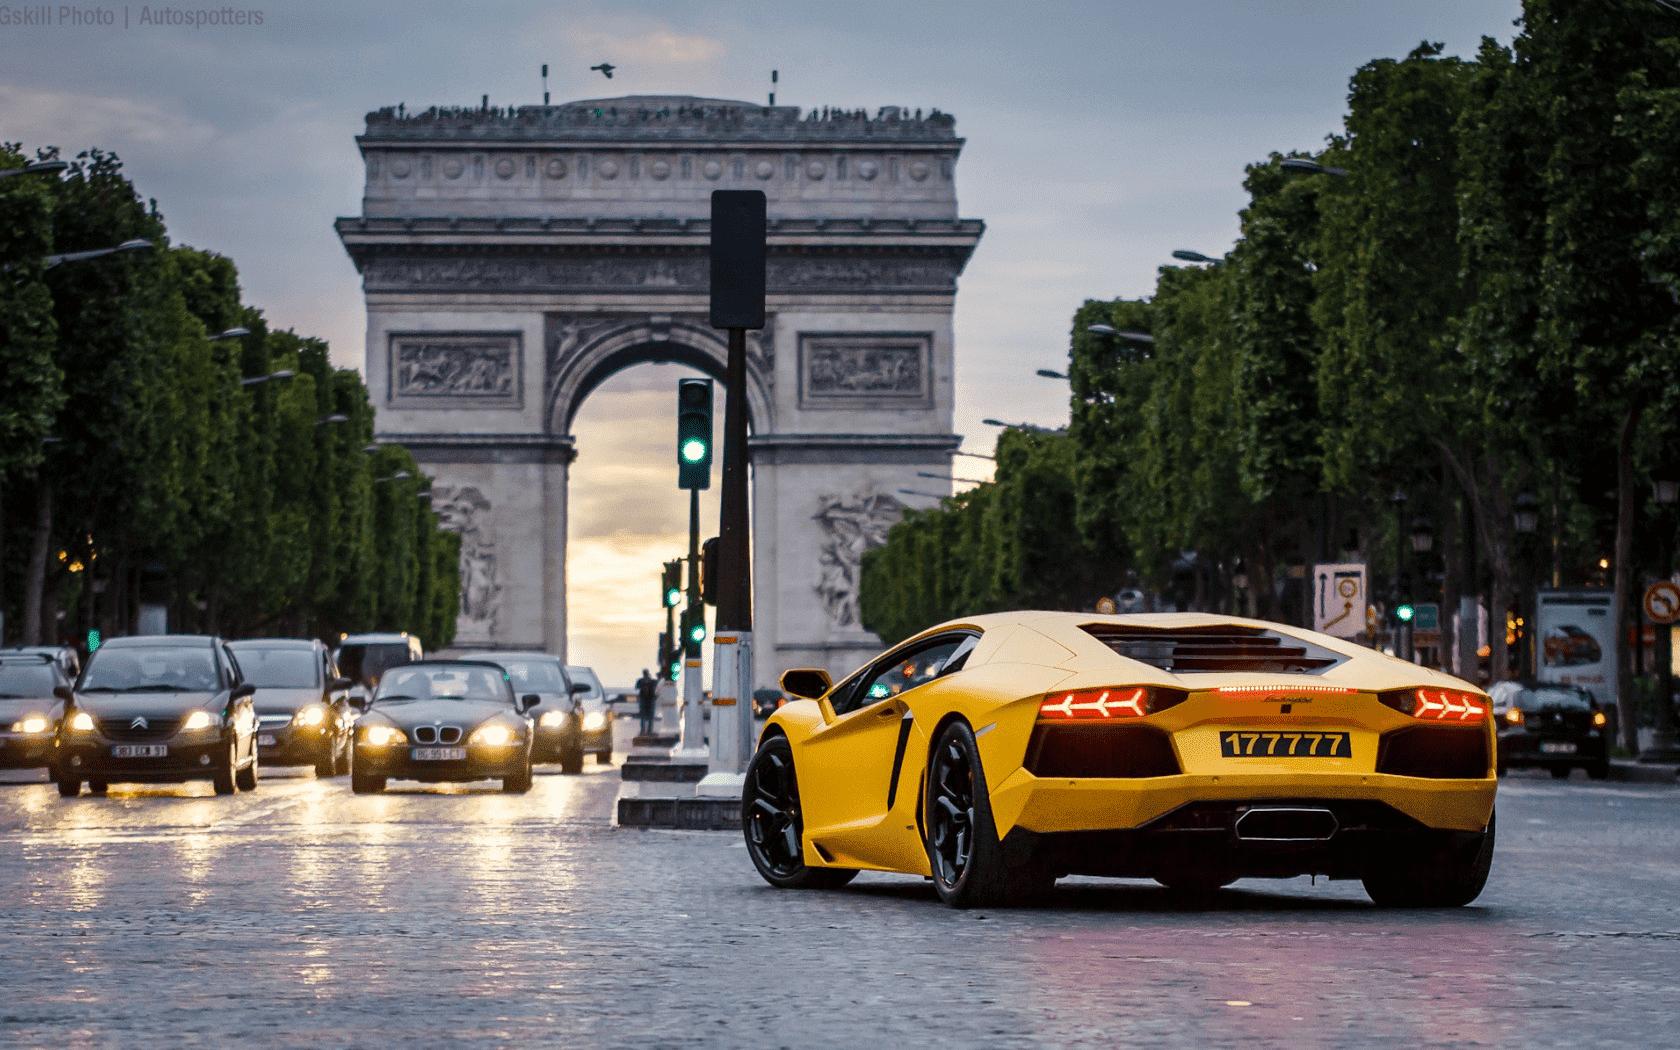 Основные нюансы оформления аренды машин в туристических городах